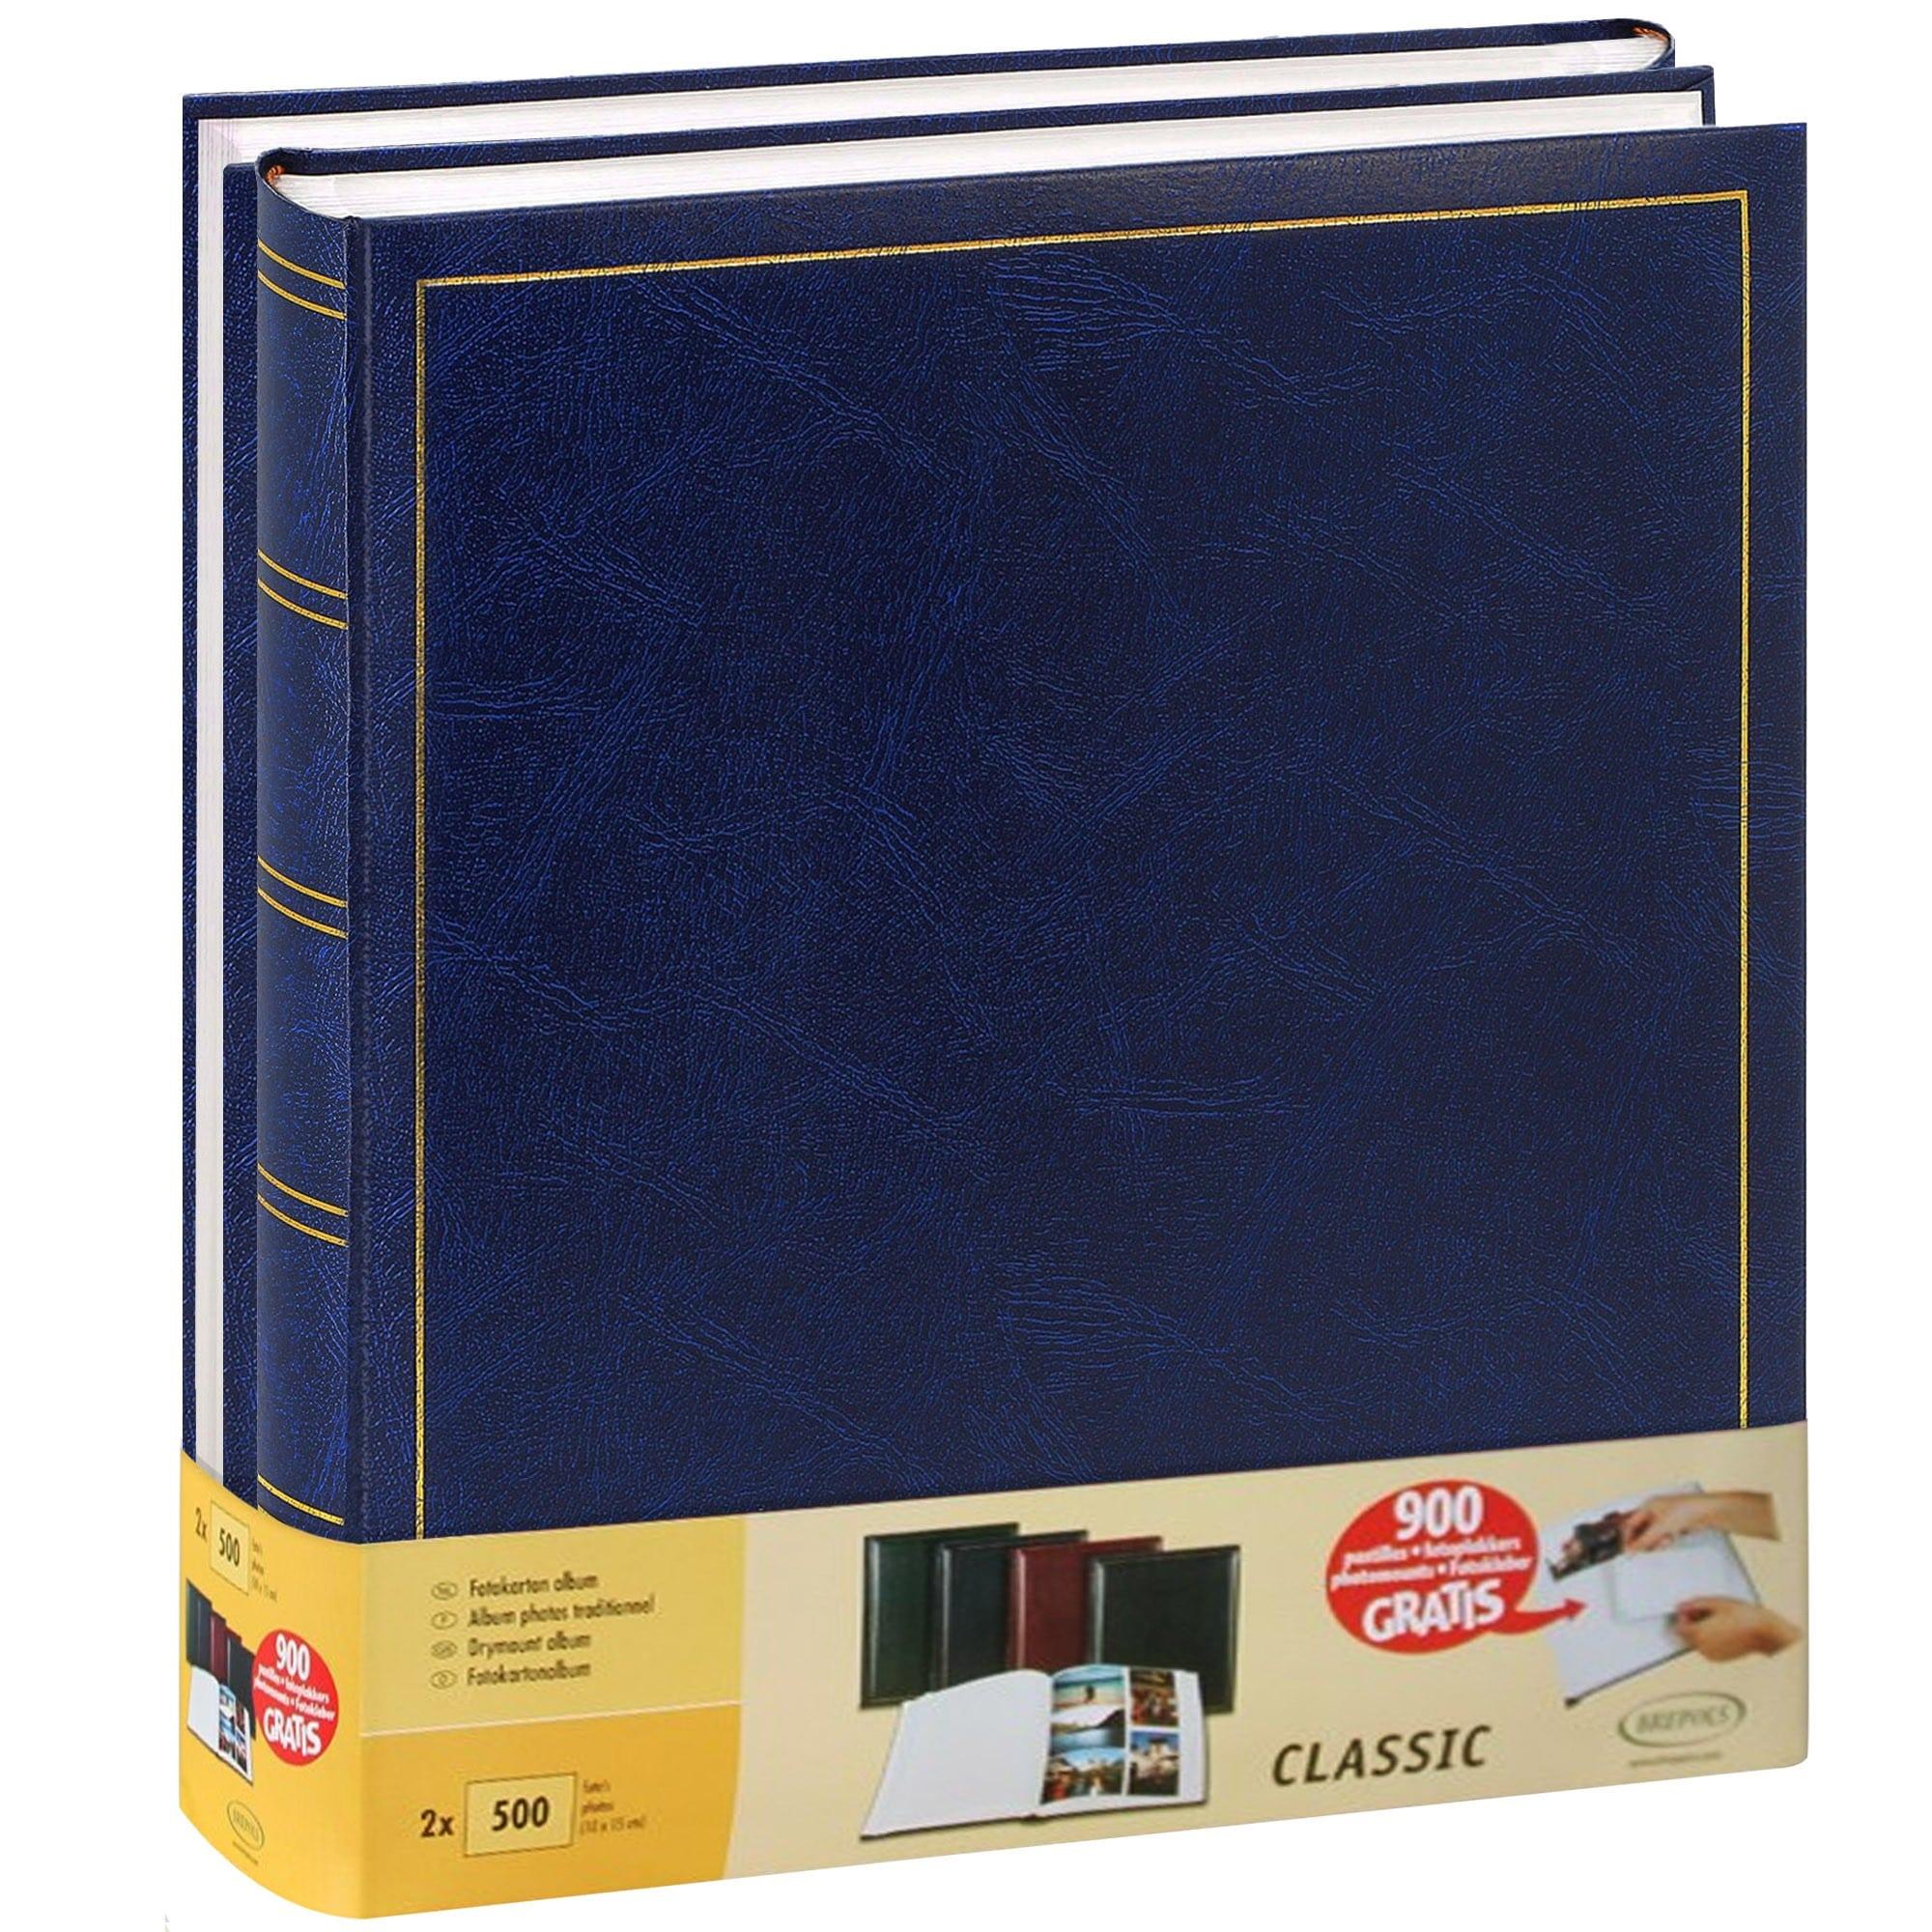 BREPOLS - Album photo traditionnel  JUMBO - 100 pages blanches + feuillets cristal - 500 photos - Couverture Bleue 29x32cm - Lot de 2 + 900 pastilles